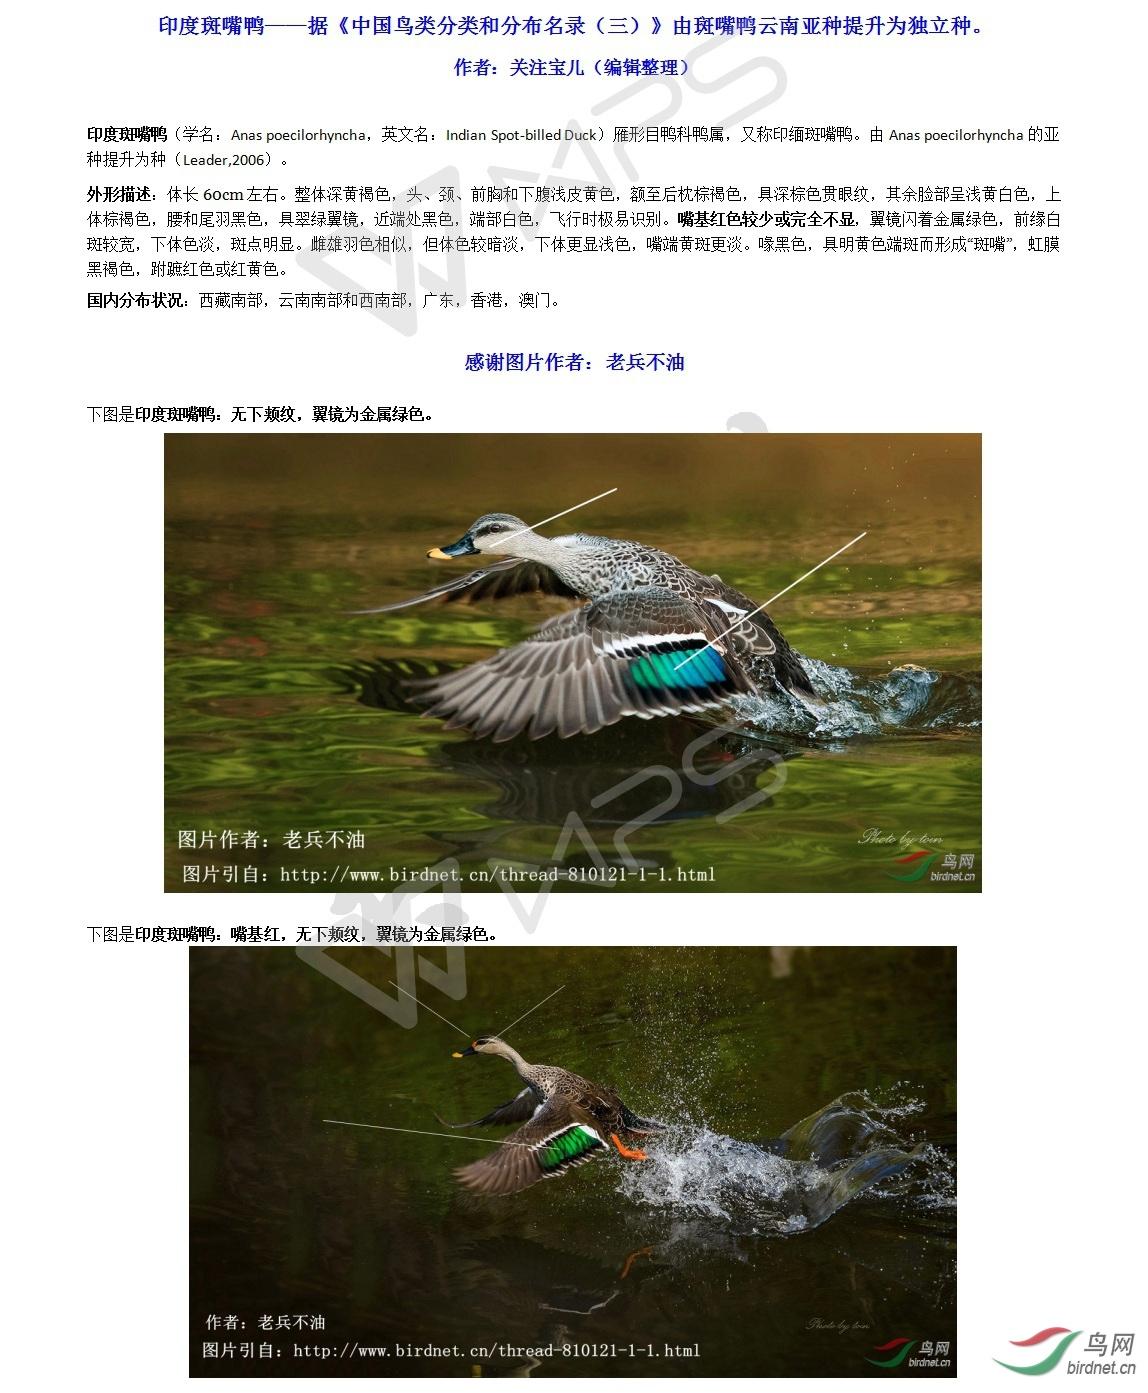 印度斑嘴鸭——据《中国鸟类分类和分布名录(三)》由斑嘴鸭云南亚种提升为独立种。.jpg